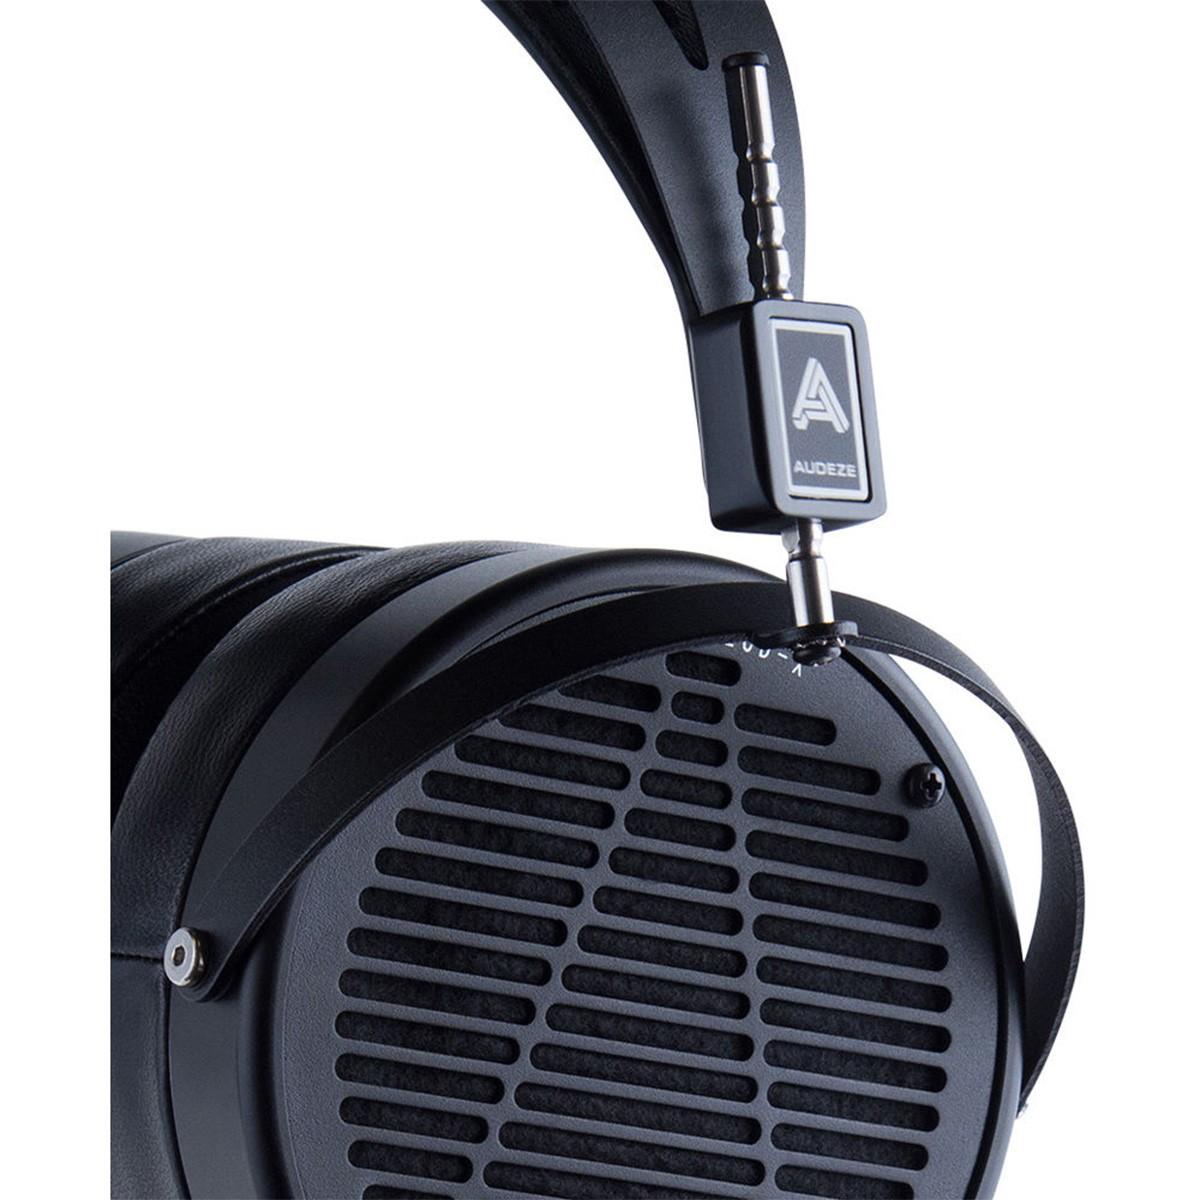 HEADPHONES AUDEZE LCD-X CREATOR PACKAGE